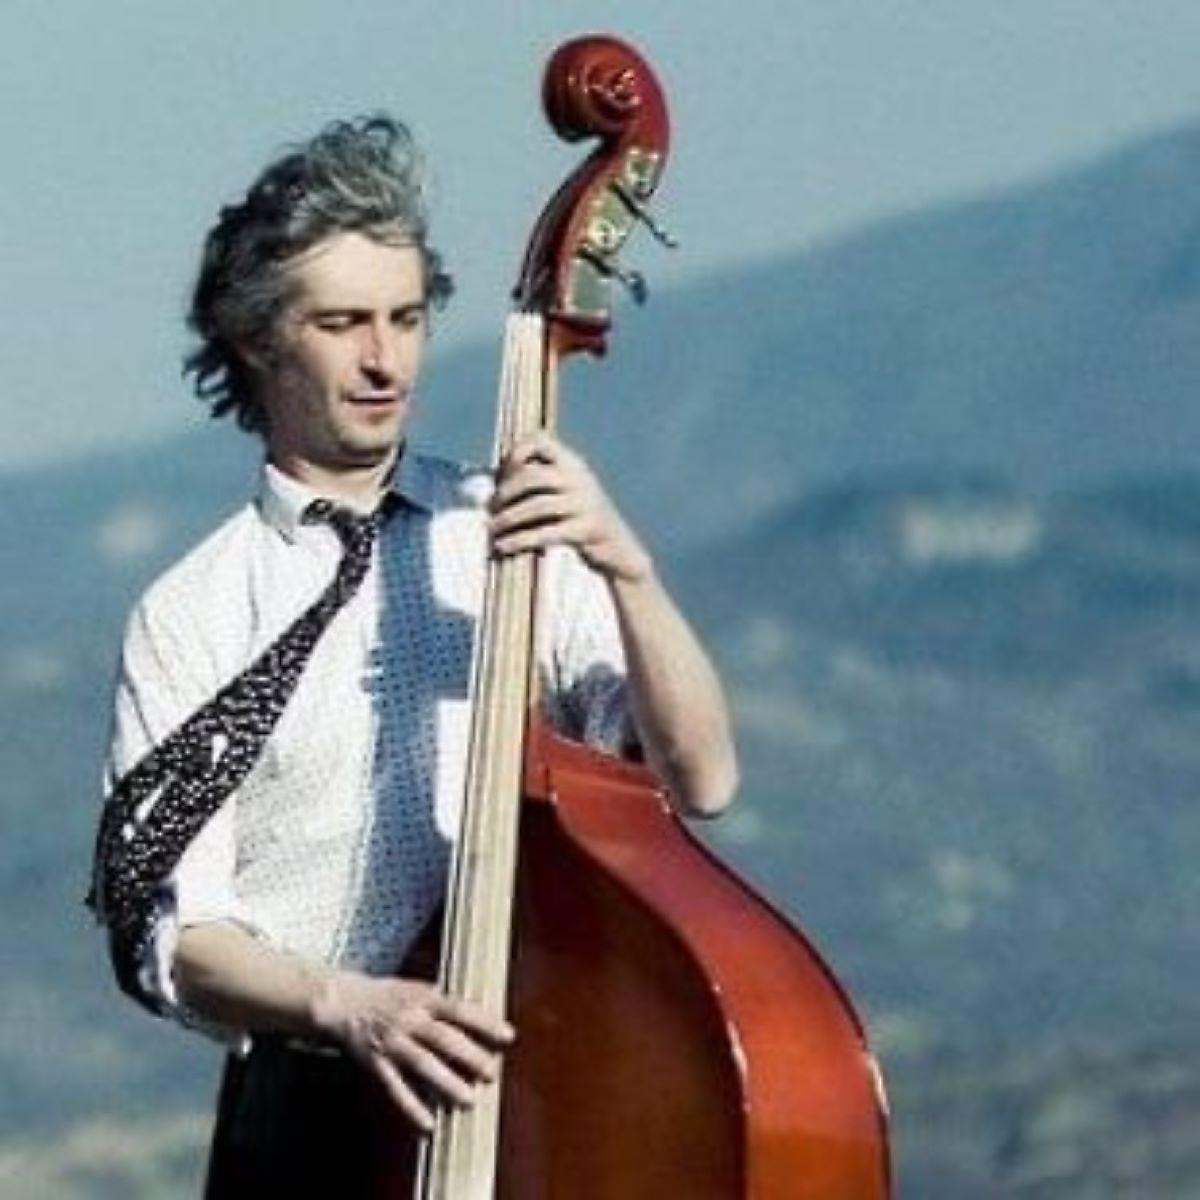 Enzo Frassi Lutto Musica Morto Incidente Stradale Piacenza